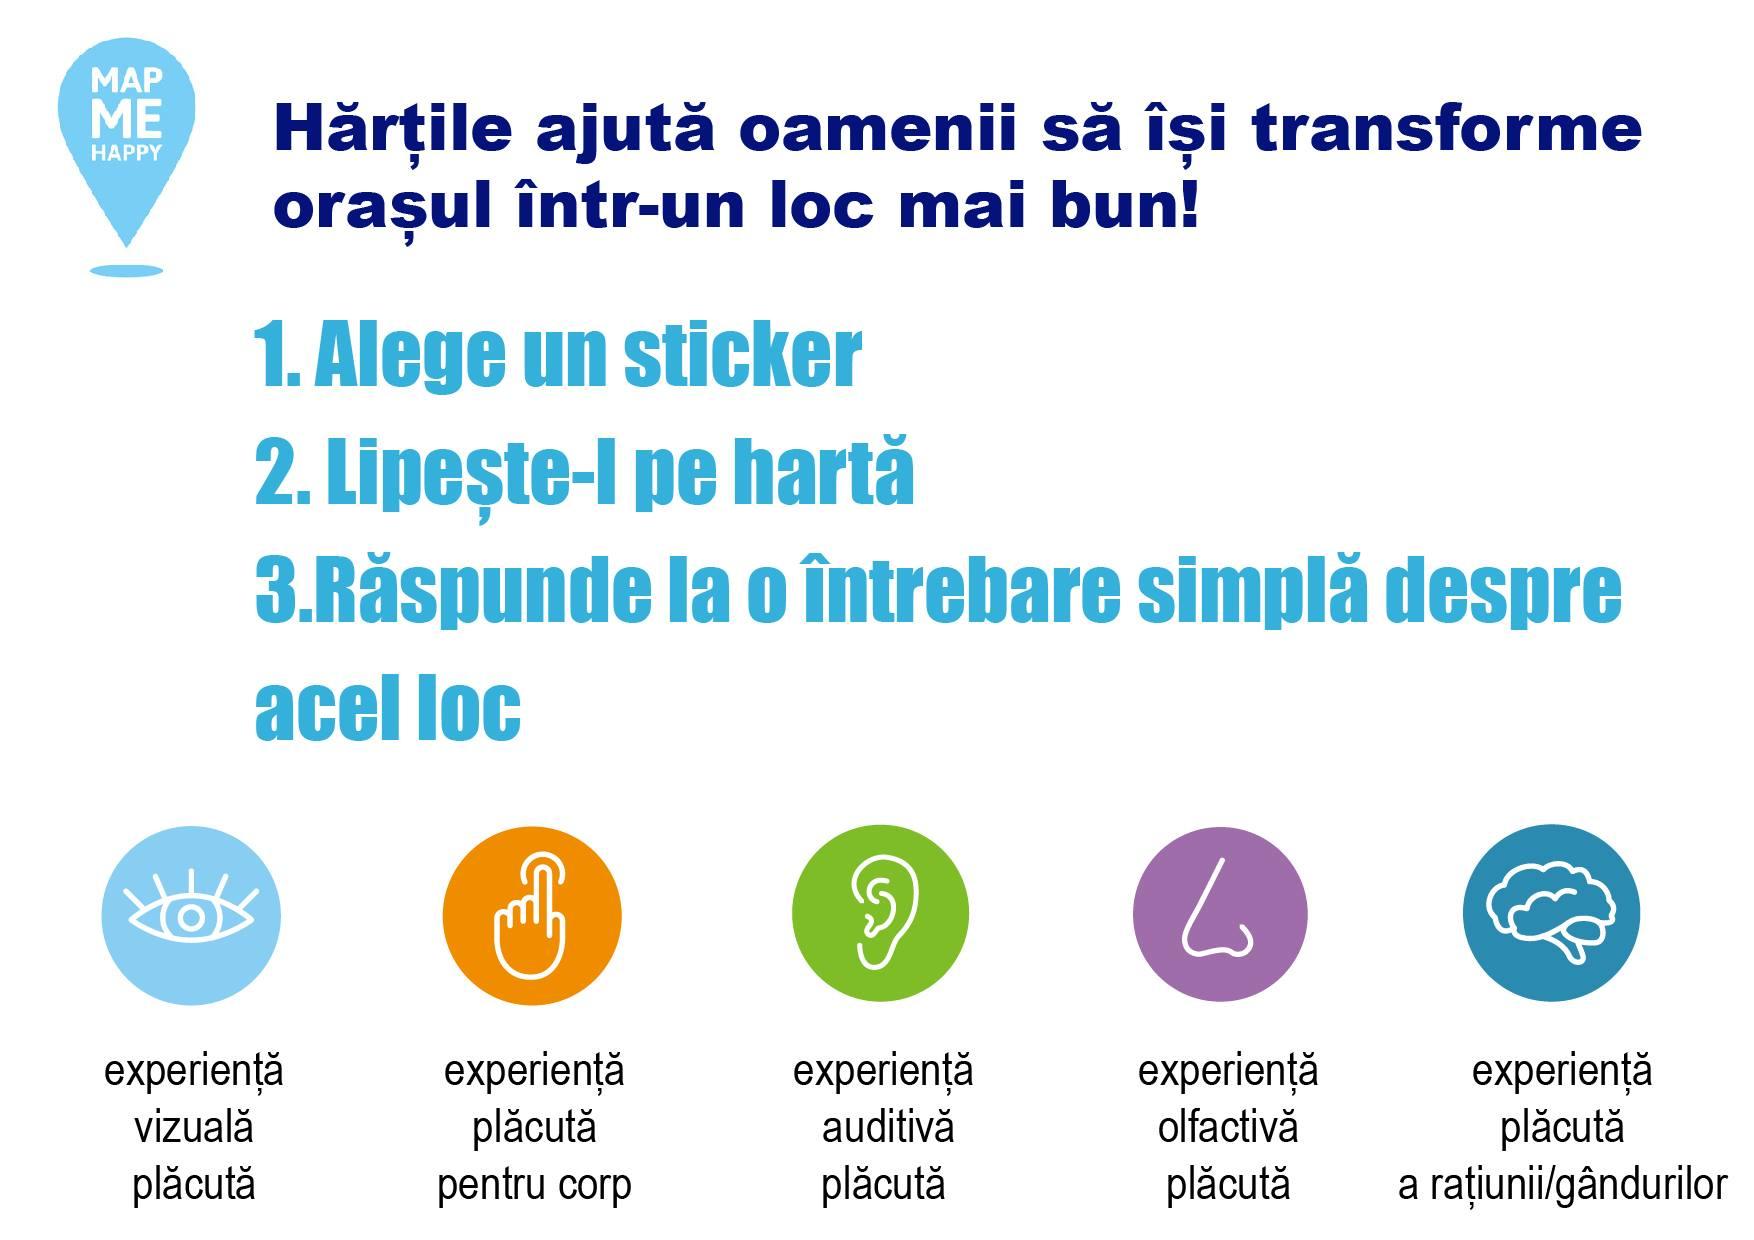 Map me Happy Bacău – participare cetățenească prin cartografierea experiențelor pozitive din municipiul Bacău